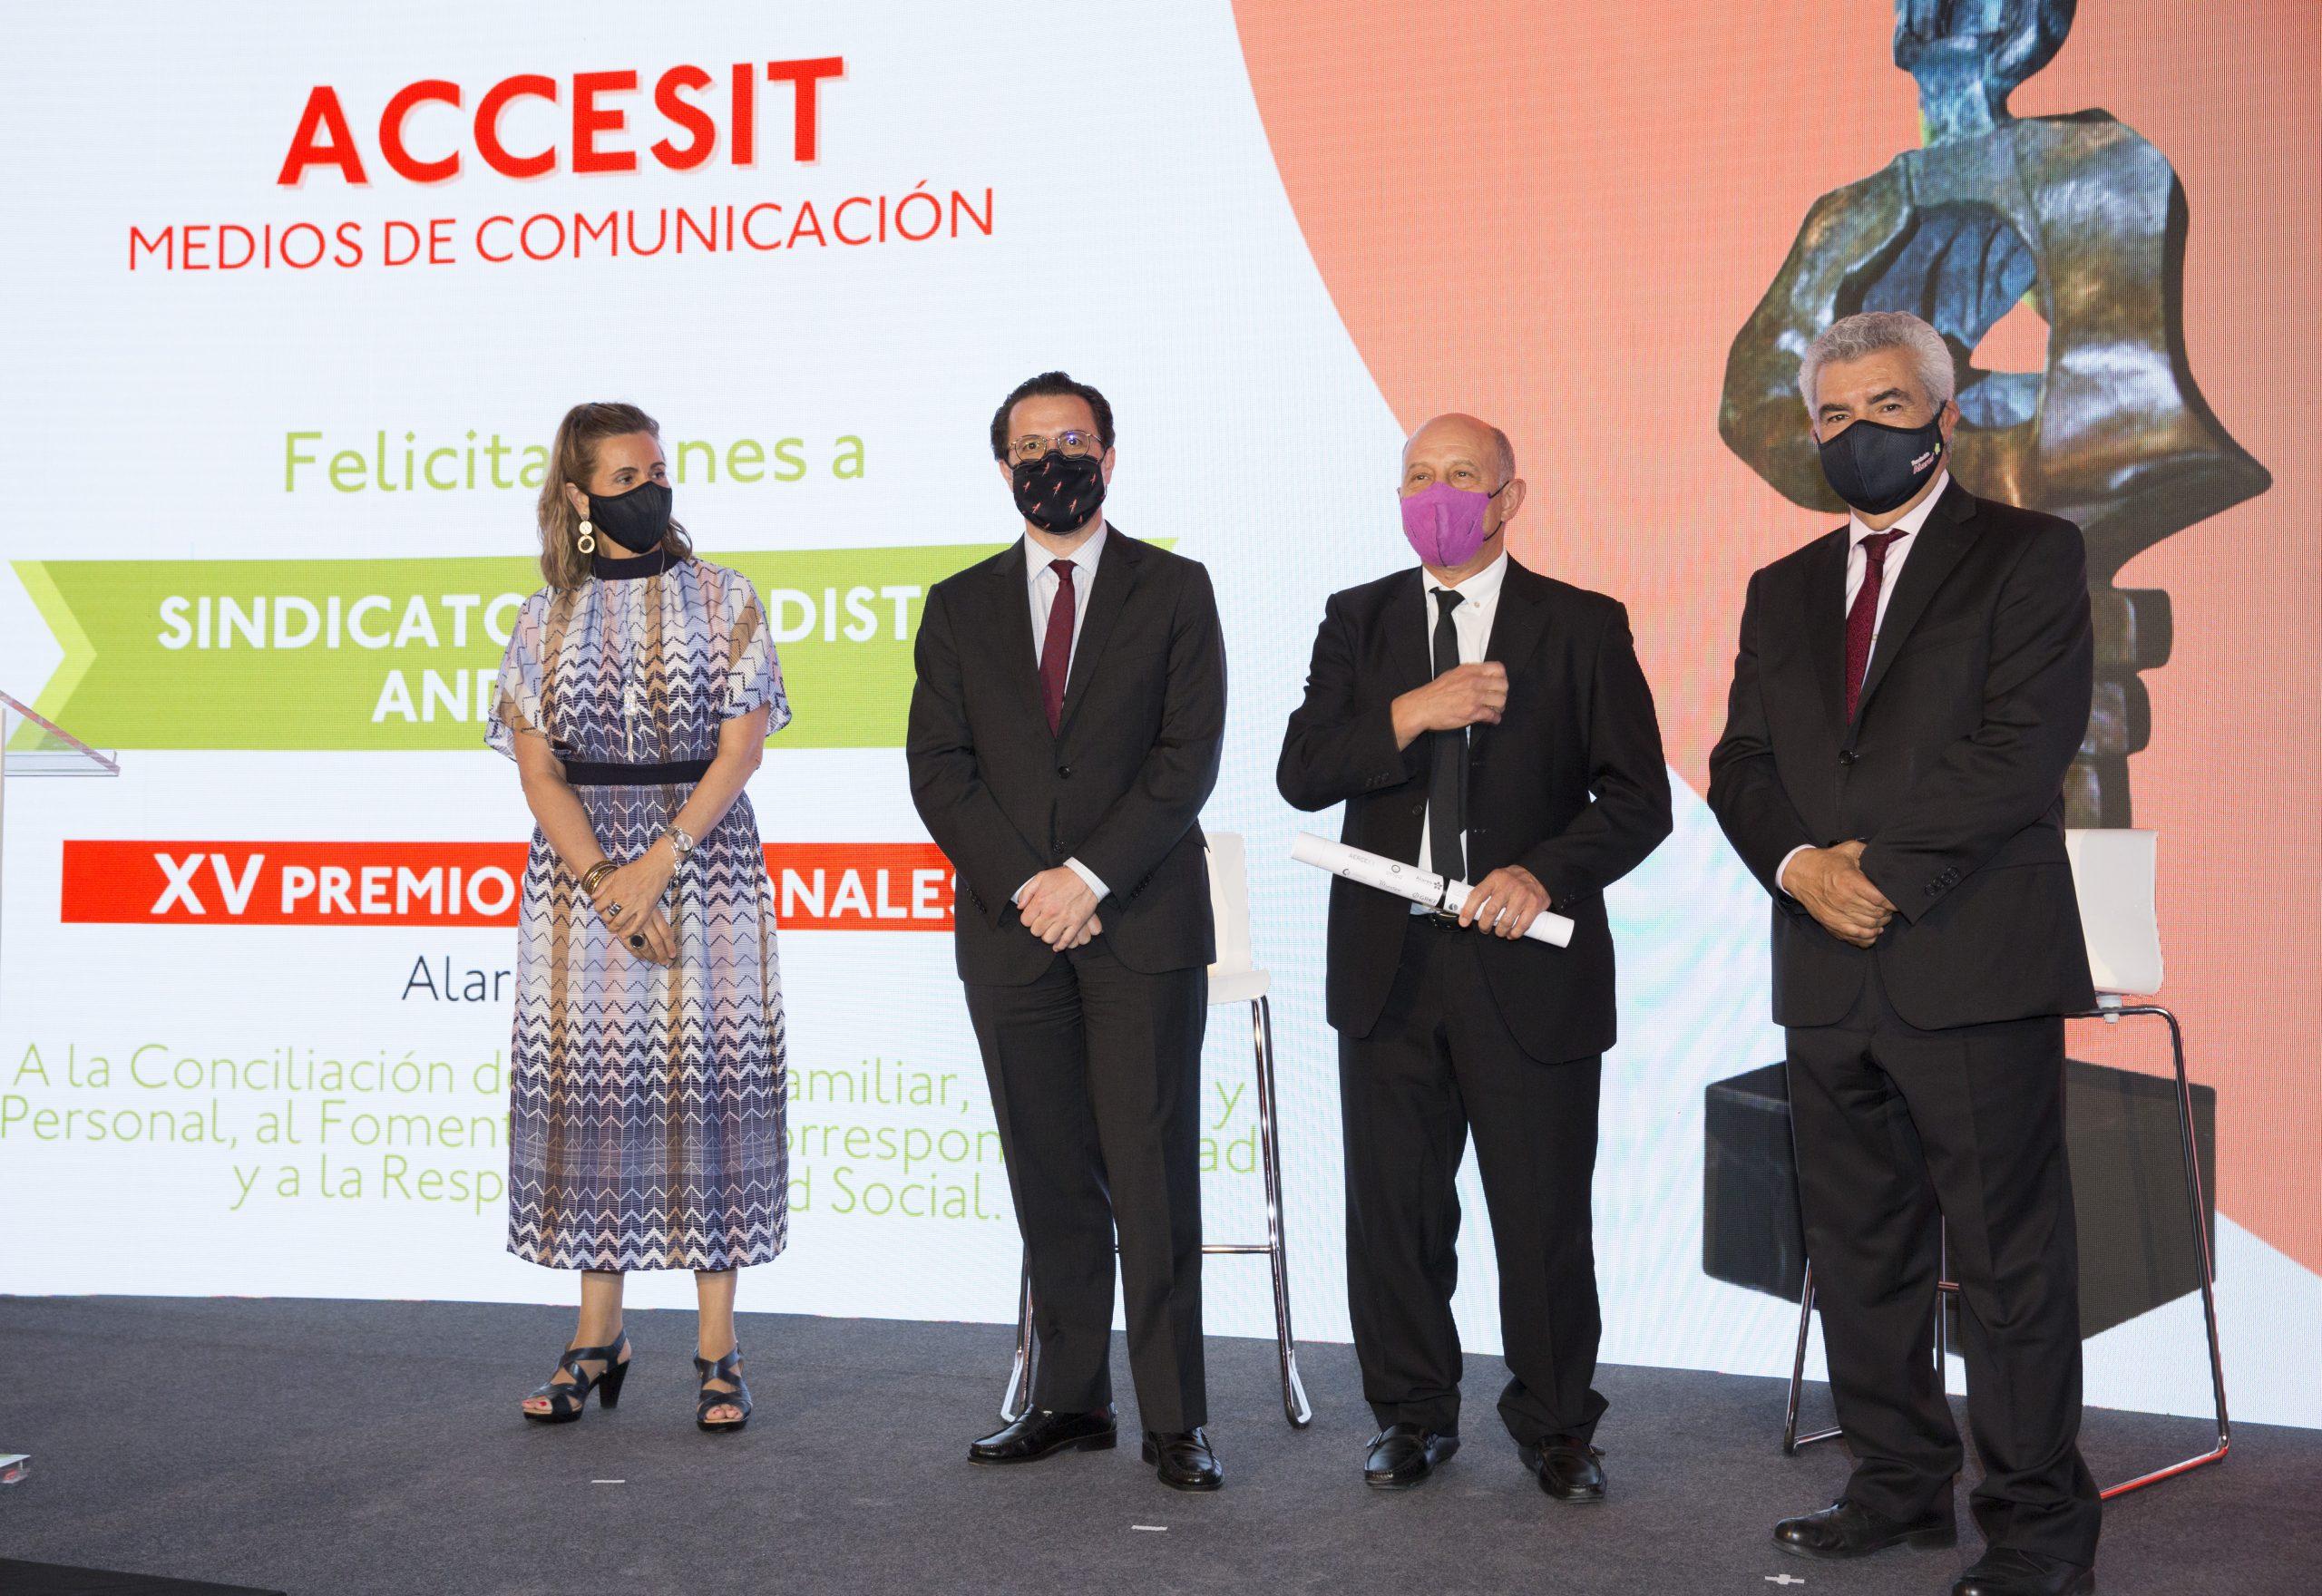 El Sindicato de Periodistas de Andalucía, premiado por su defensa del derecho a la información, la igualdad y la conciliación laboral